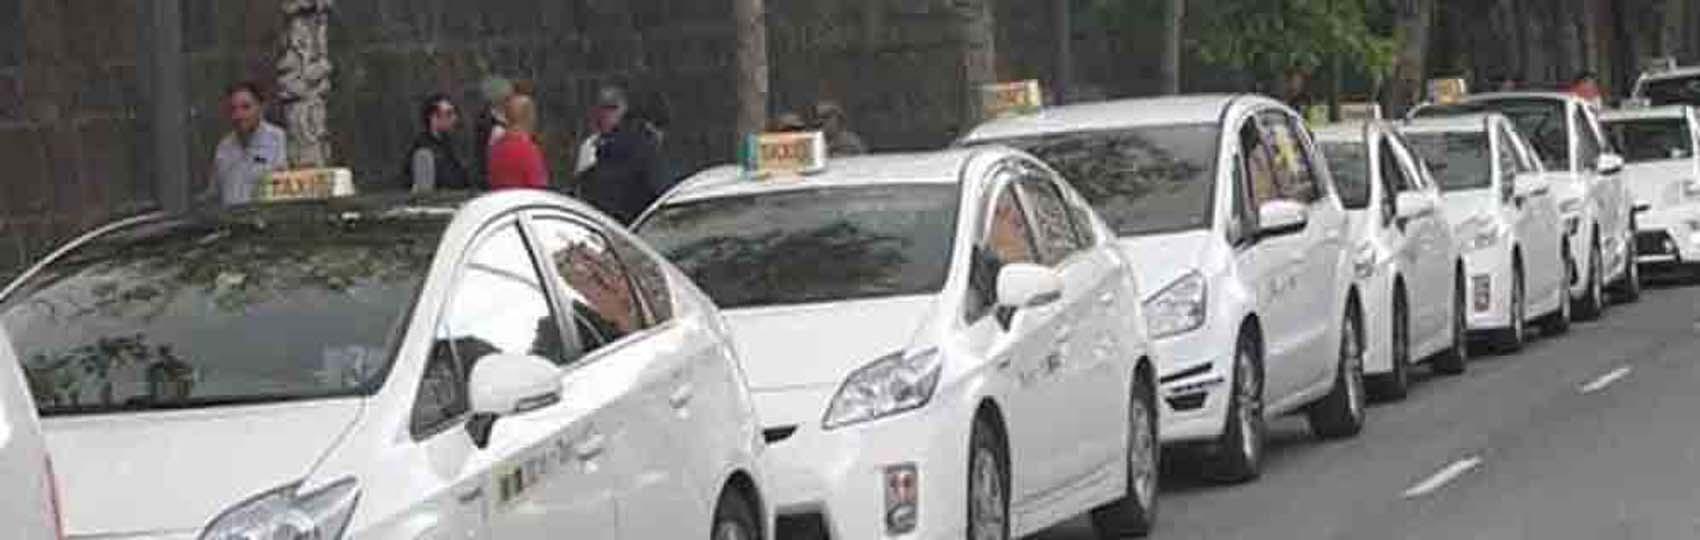 Noticias del sector del taxi y la movilidad en Pamplona. Mantente informado de todas las noticias del taxi de Pamplona en el grupo de Facebook de Todo Taxi.